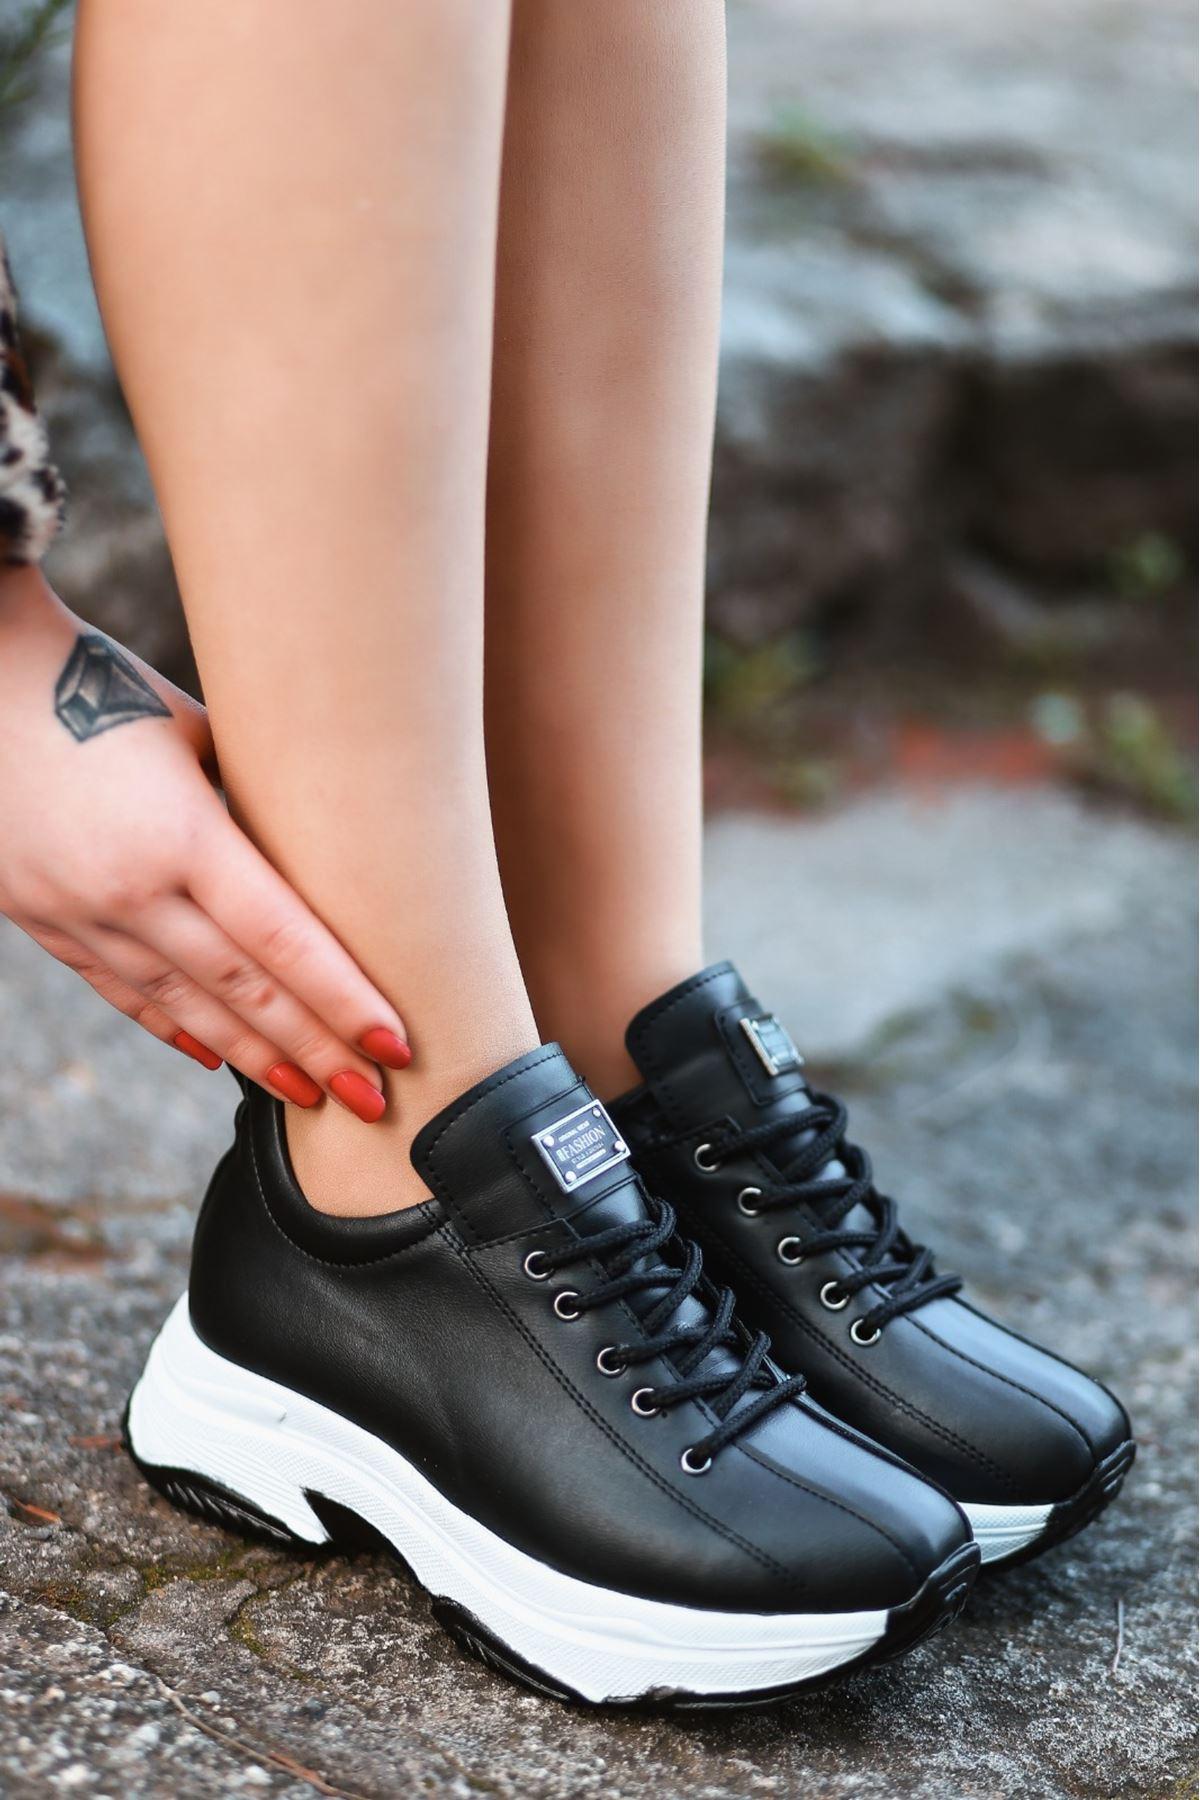 For-501 Mat Deri Bağcıklı Kadın Spor Ayakkabı Siyah